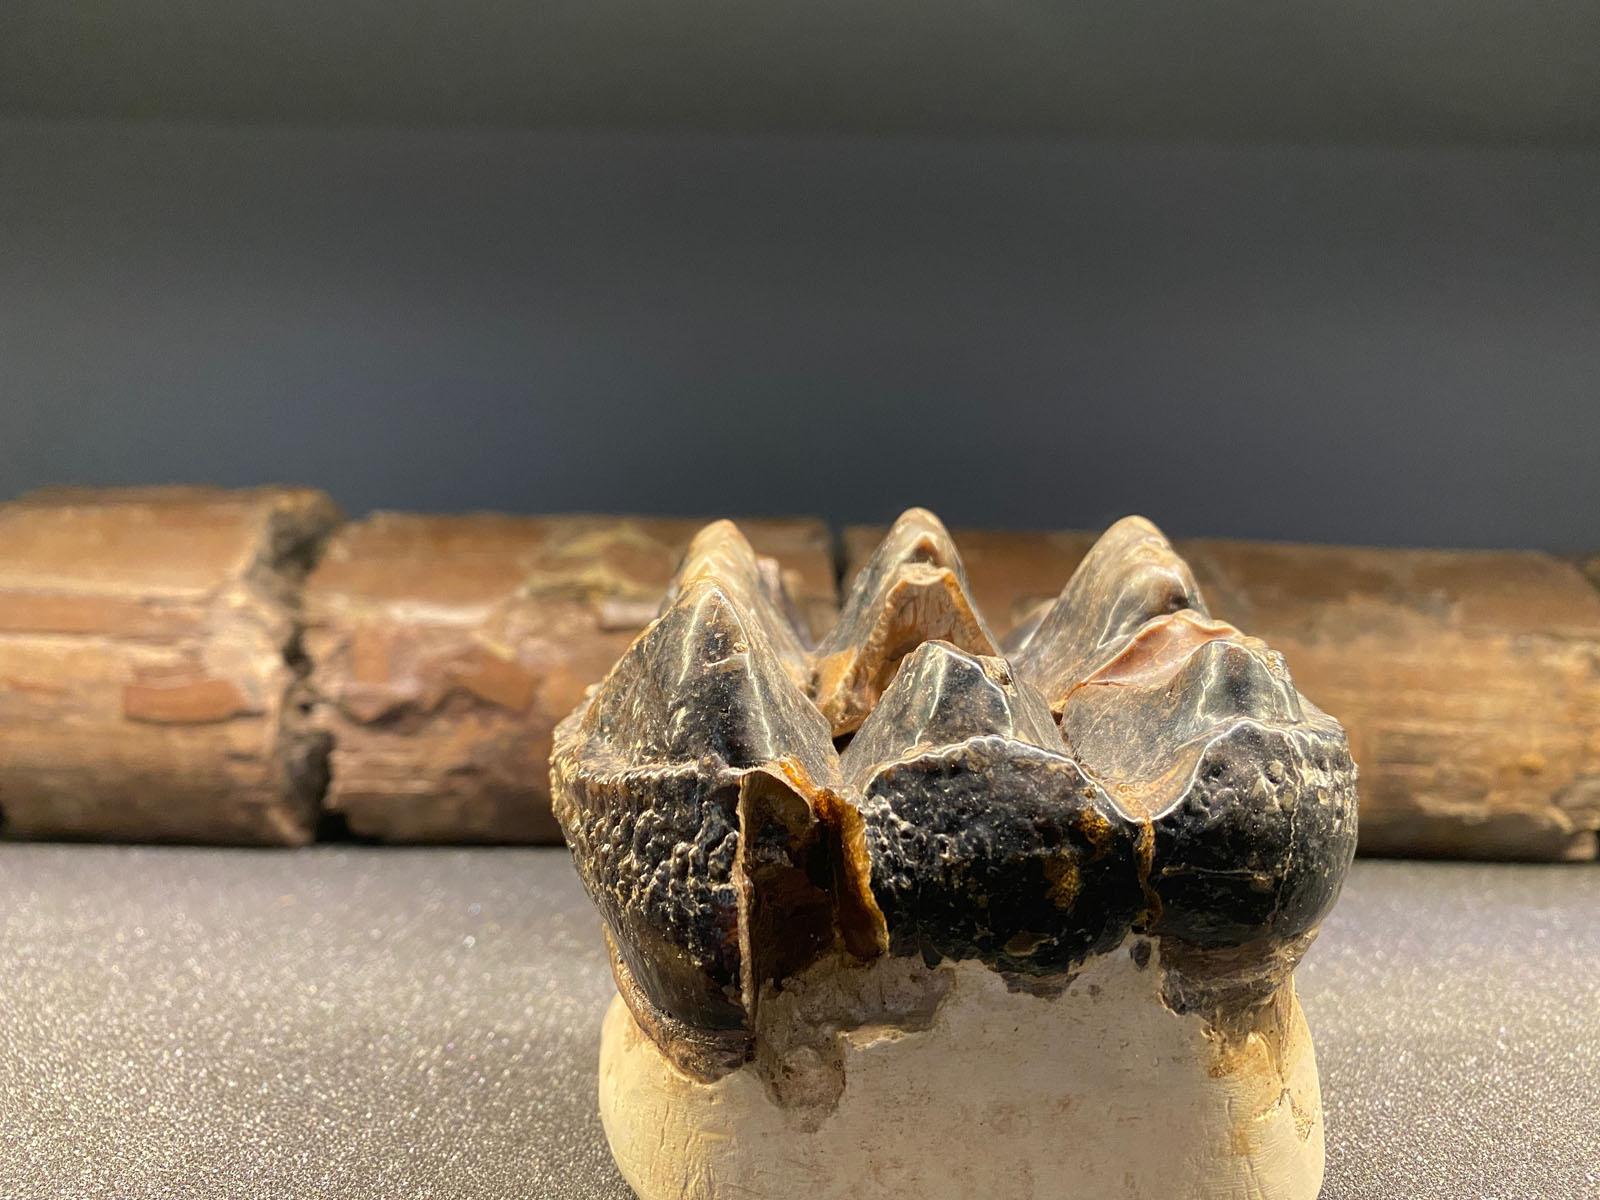 Podkast o mastodontu, Klepet pod arkadami in dogodek »Pokukajmo v kuhinjo škalske gospodinje iz začetka 20. stoletja«